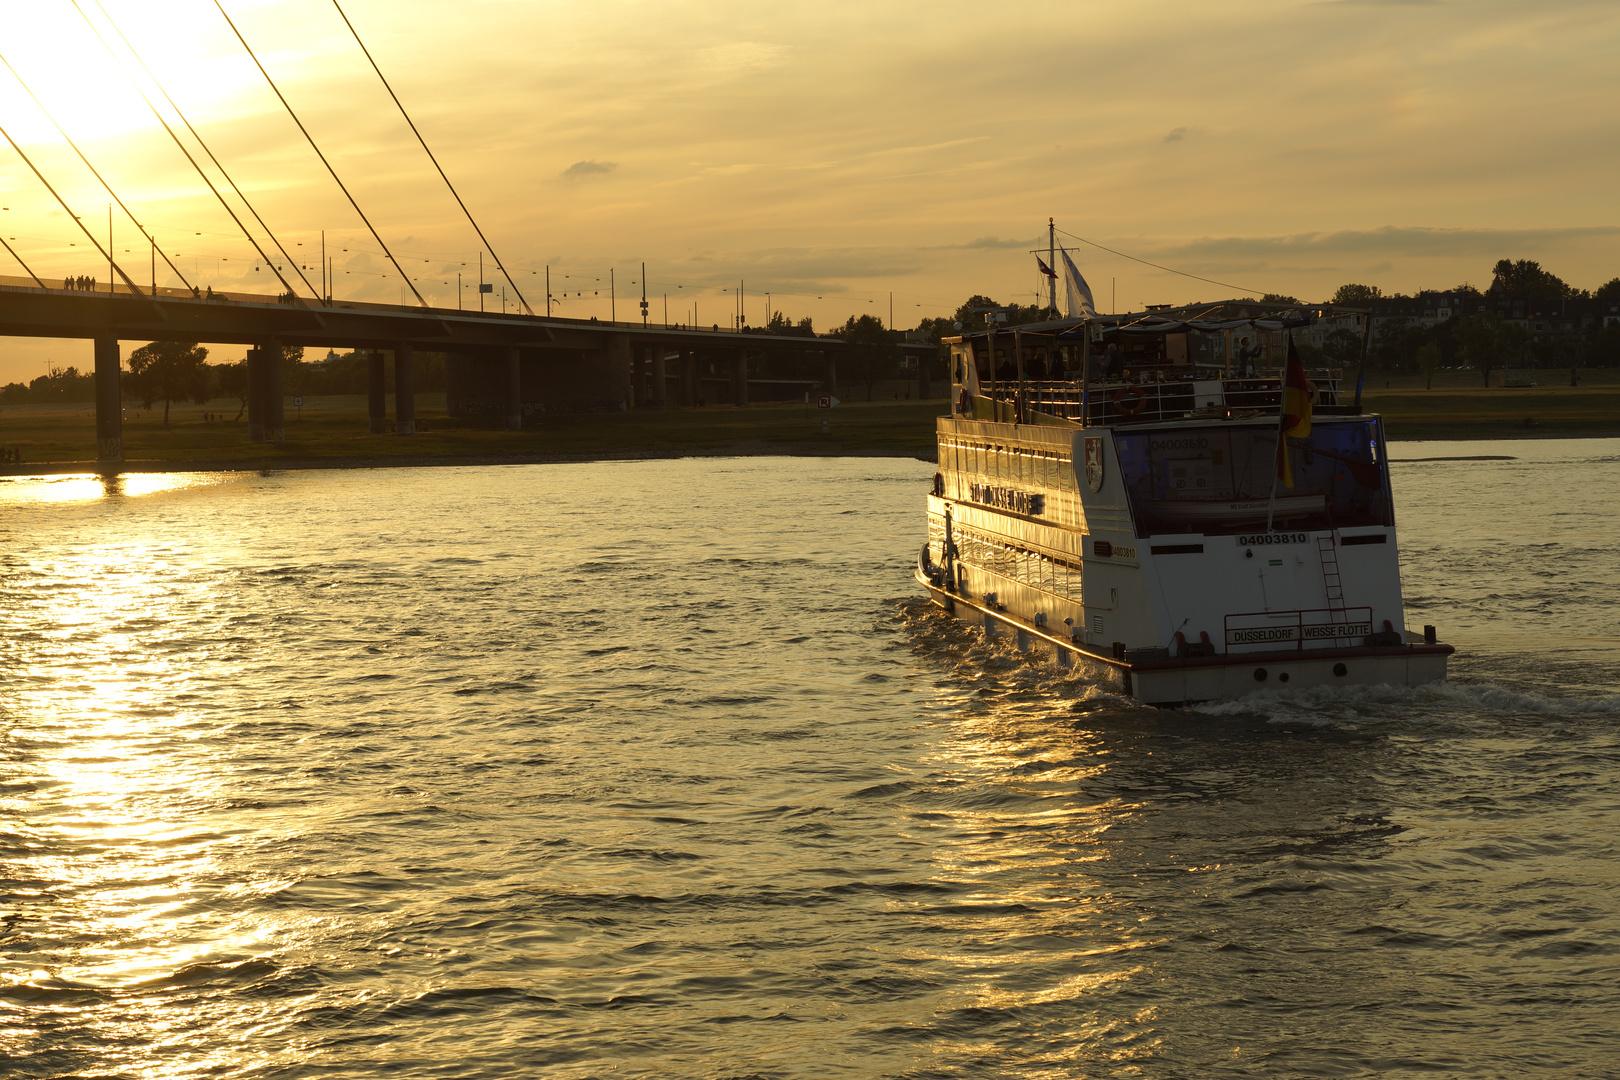 Rheindampfer in Düsseldorf